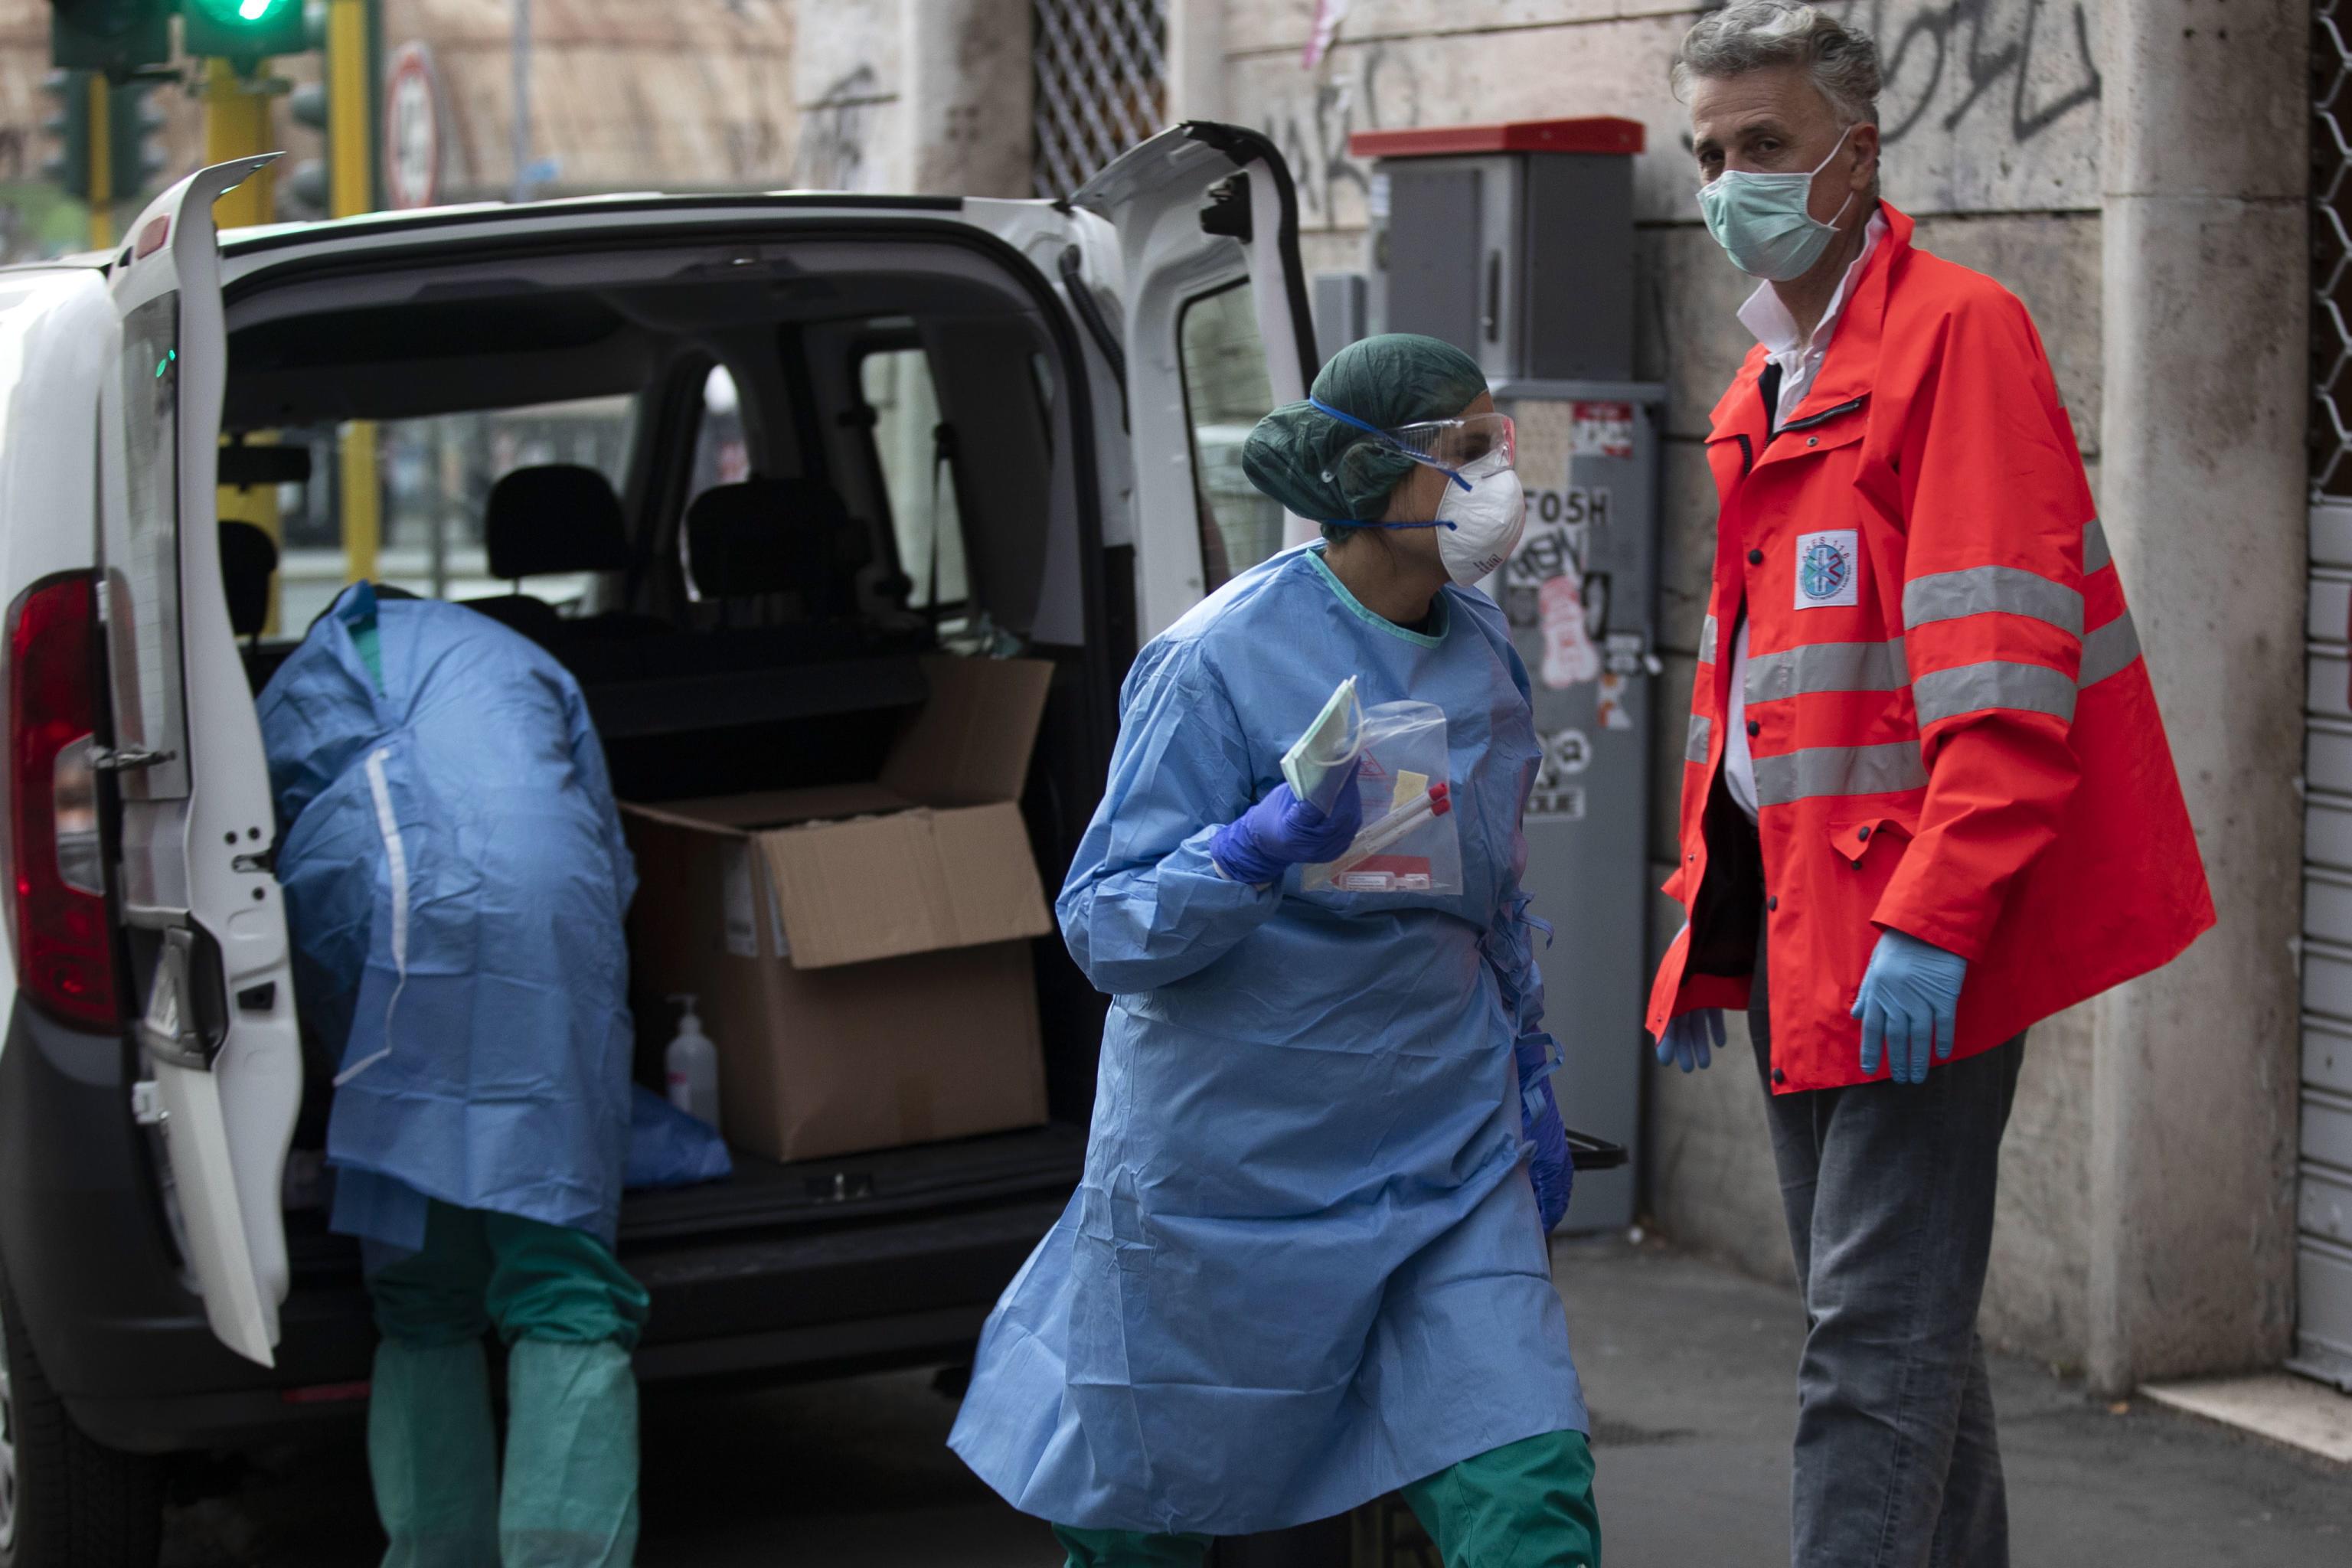 Ιταλία: Ακόμη 969 νεκροί από κορωνοϊό σε ένα 24ωρο – Εκατοντάδες νεκροί και στη Νέα Υόρκη